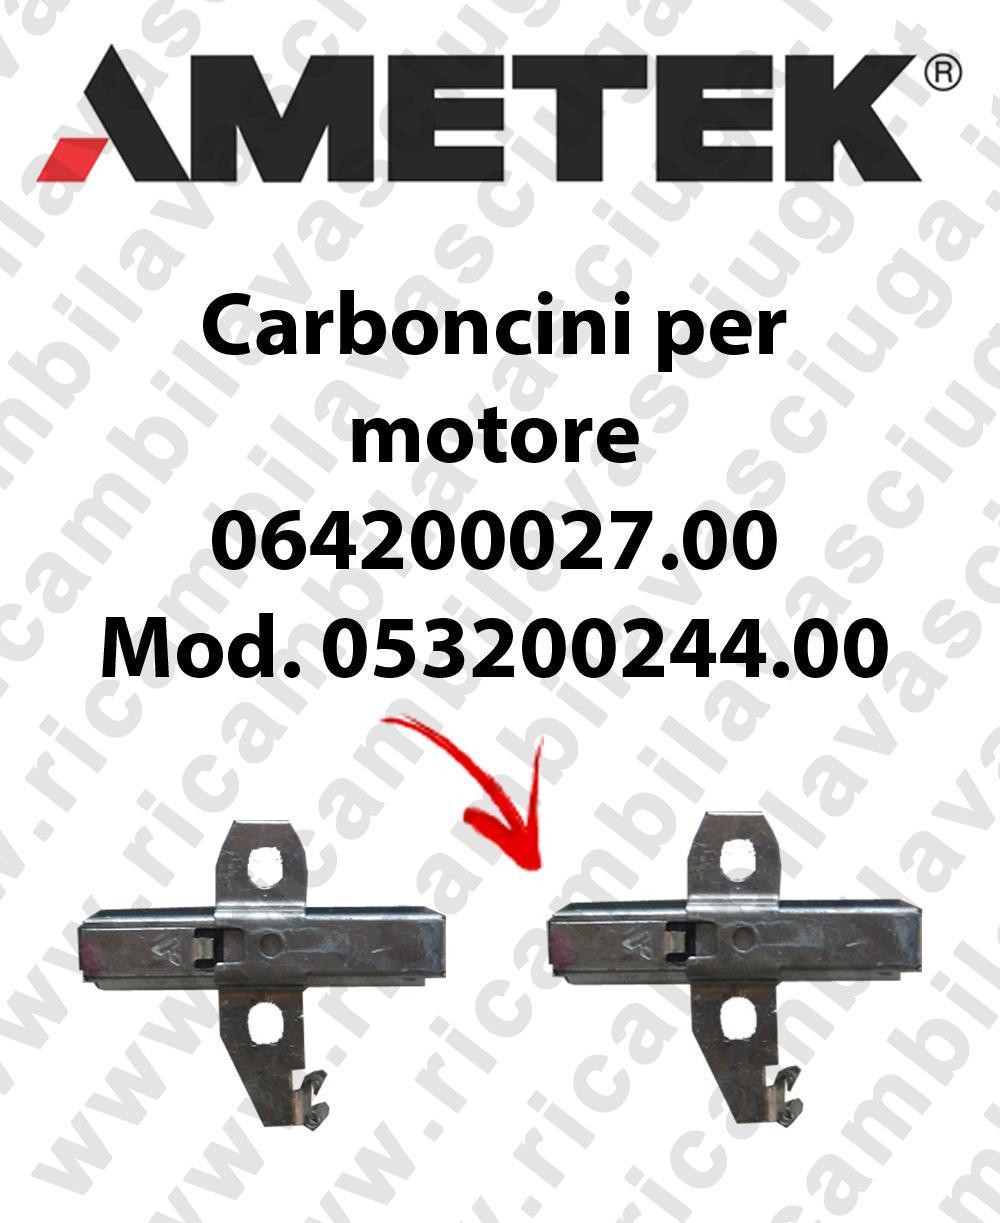 Couple du Carbon MOTEUR  aspiration pour MOTEUR  Ametek 064200027 Cod: 053200244.00